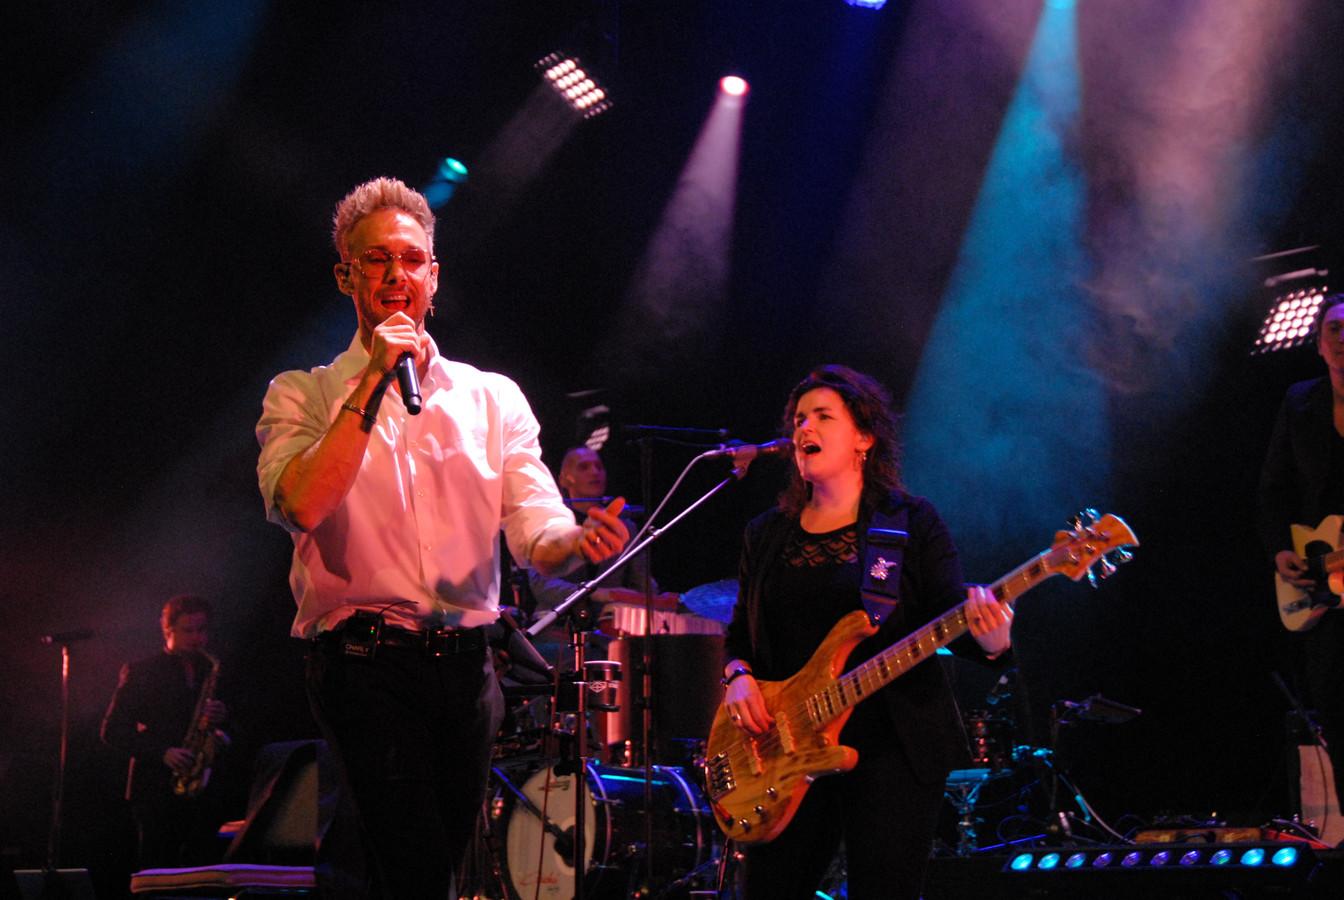 Charly Luske, in de rol van George Michael, had er zin in tijdens de succesvolle openingsavond van de Mainstage van de Brabanthallen